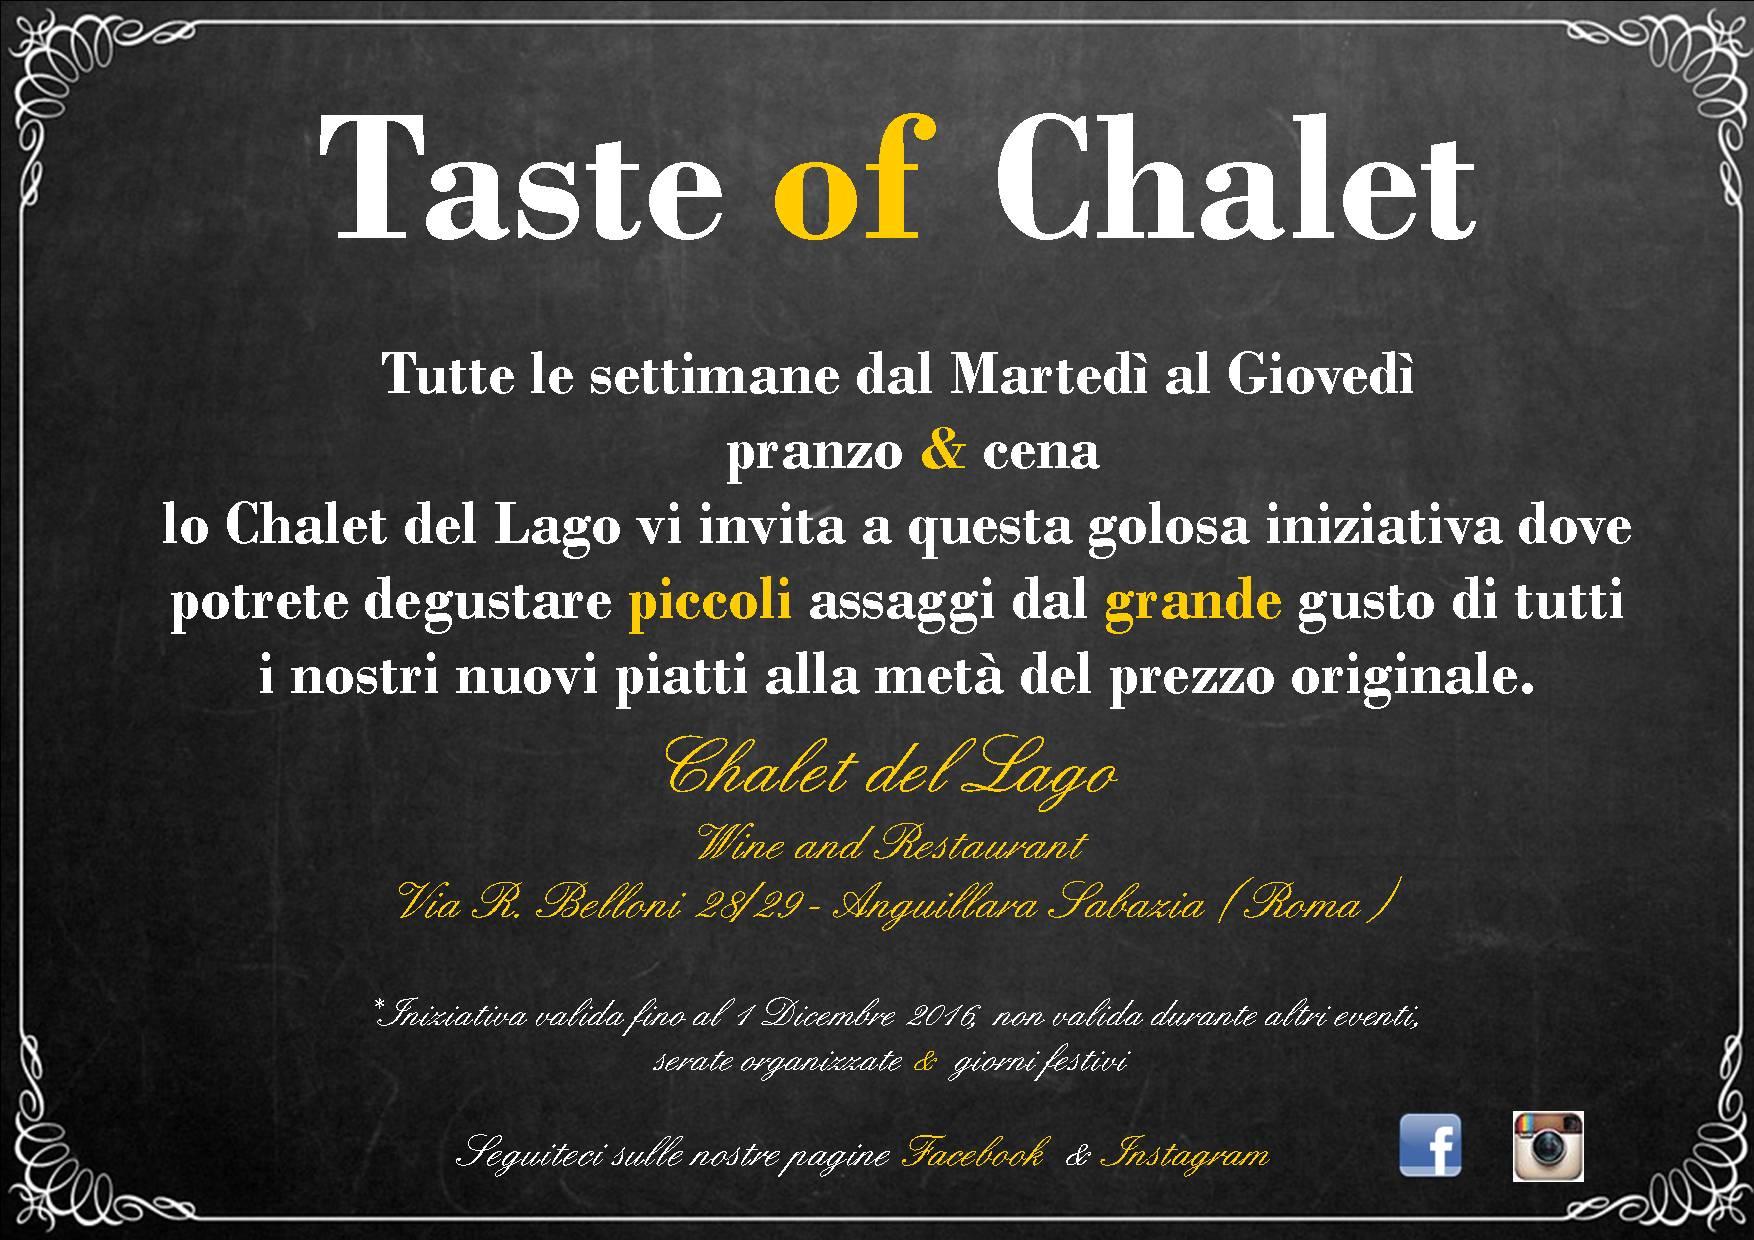 Presentazione Taste of Chalet